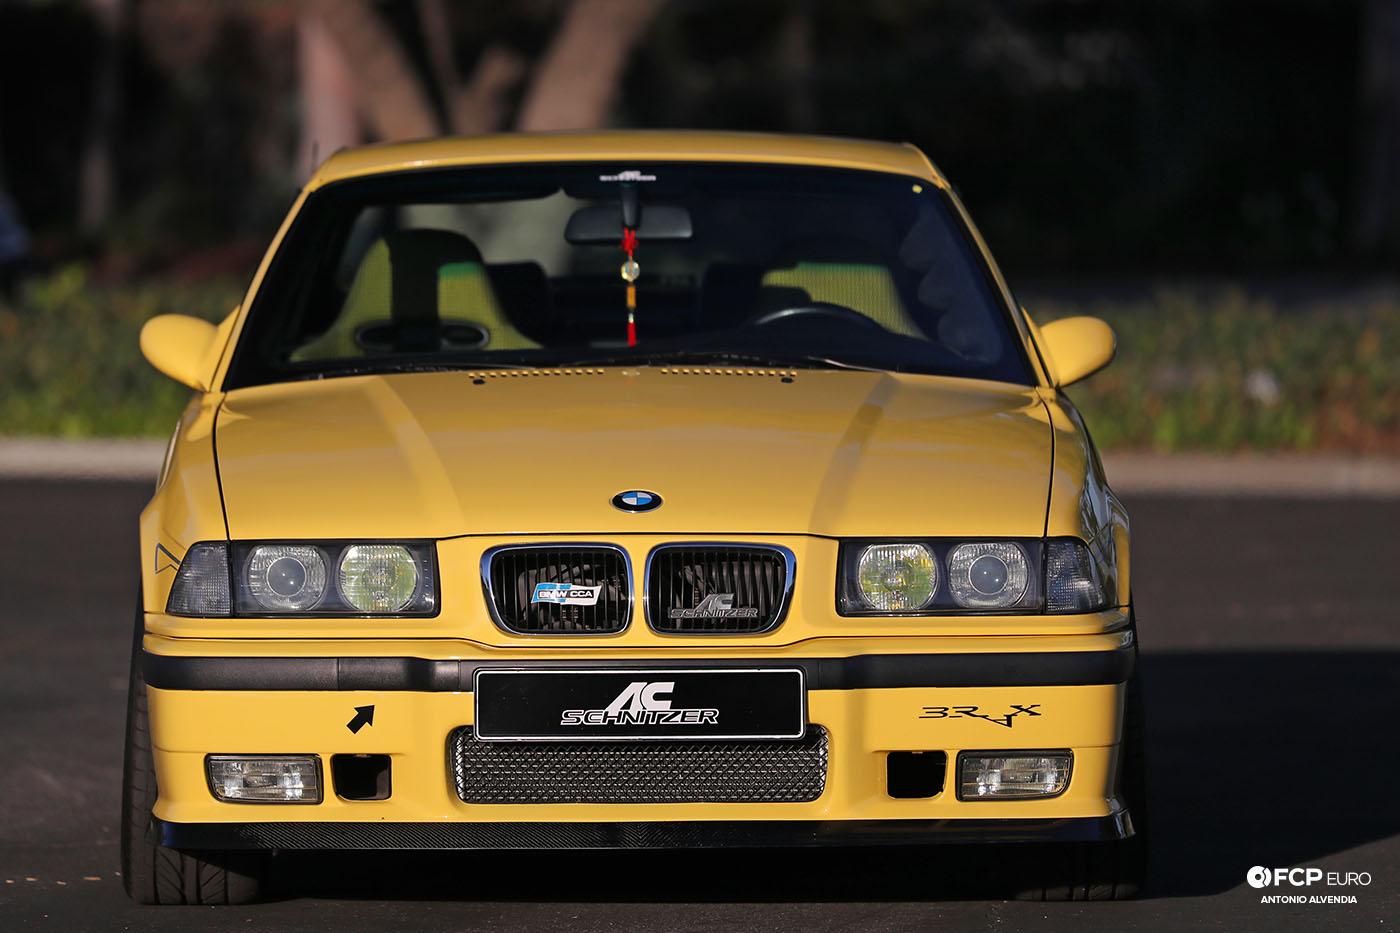 AC Schnitzer, S52, E36, E36 M3, S3 Sport, M3 Convertible, Dinan